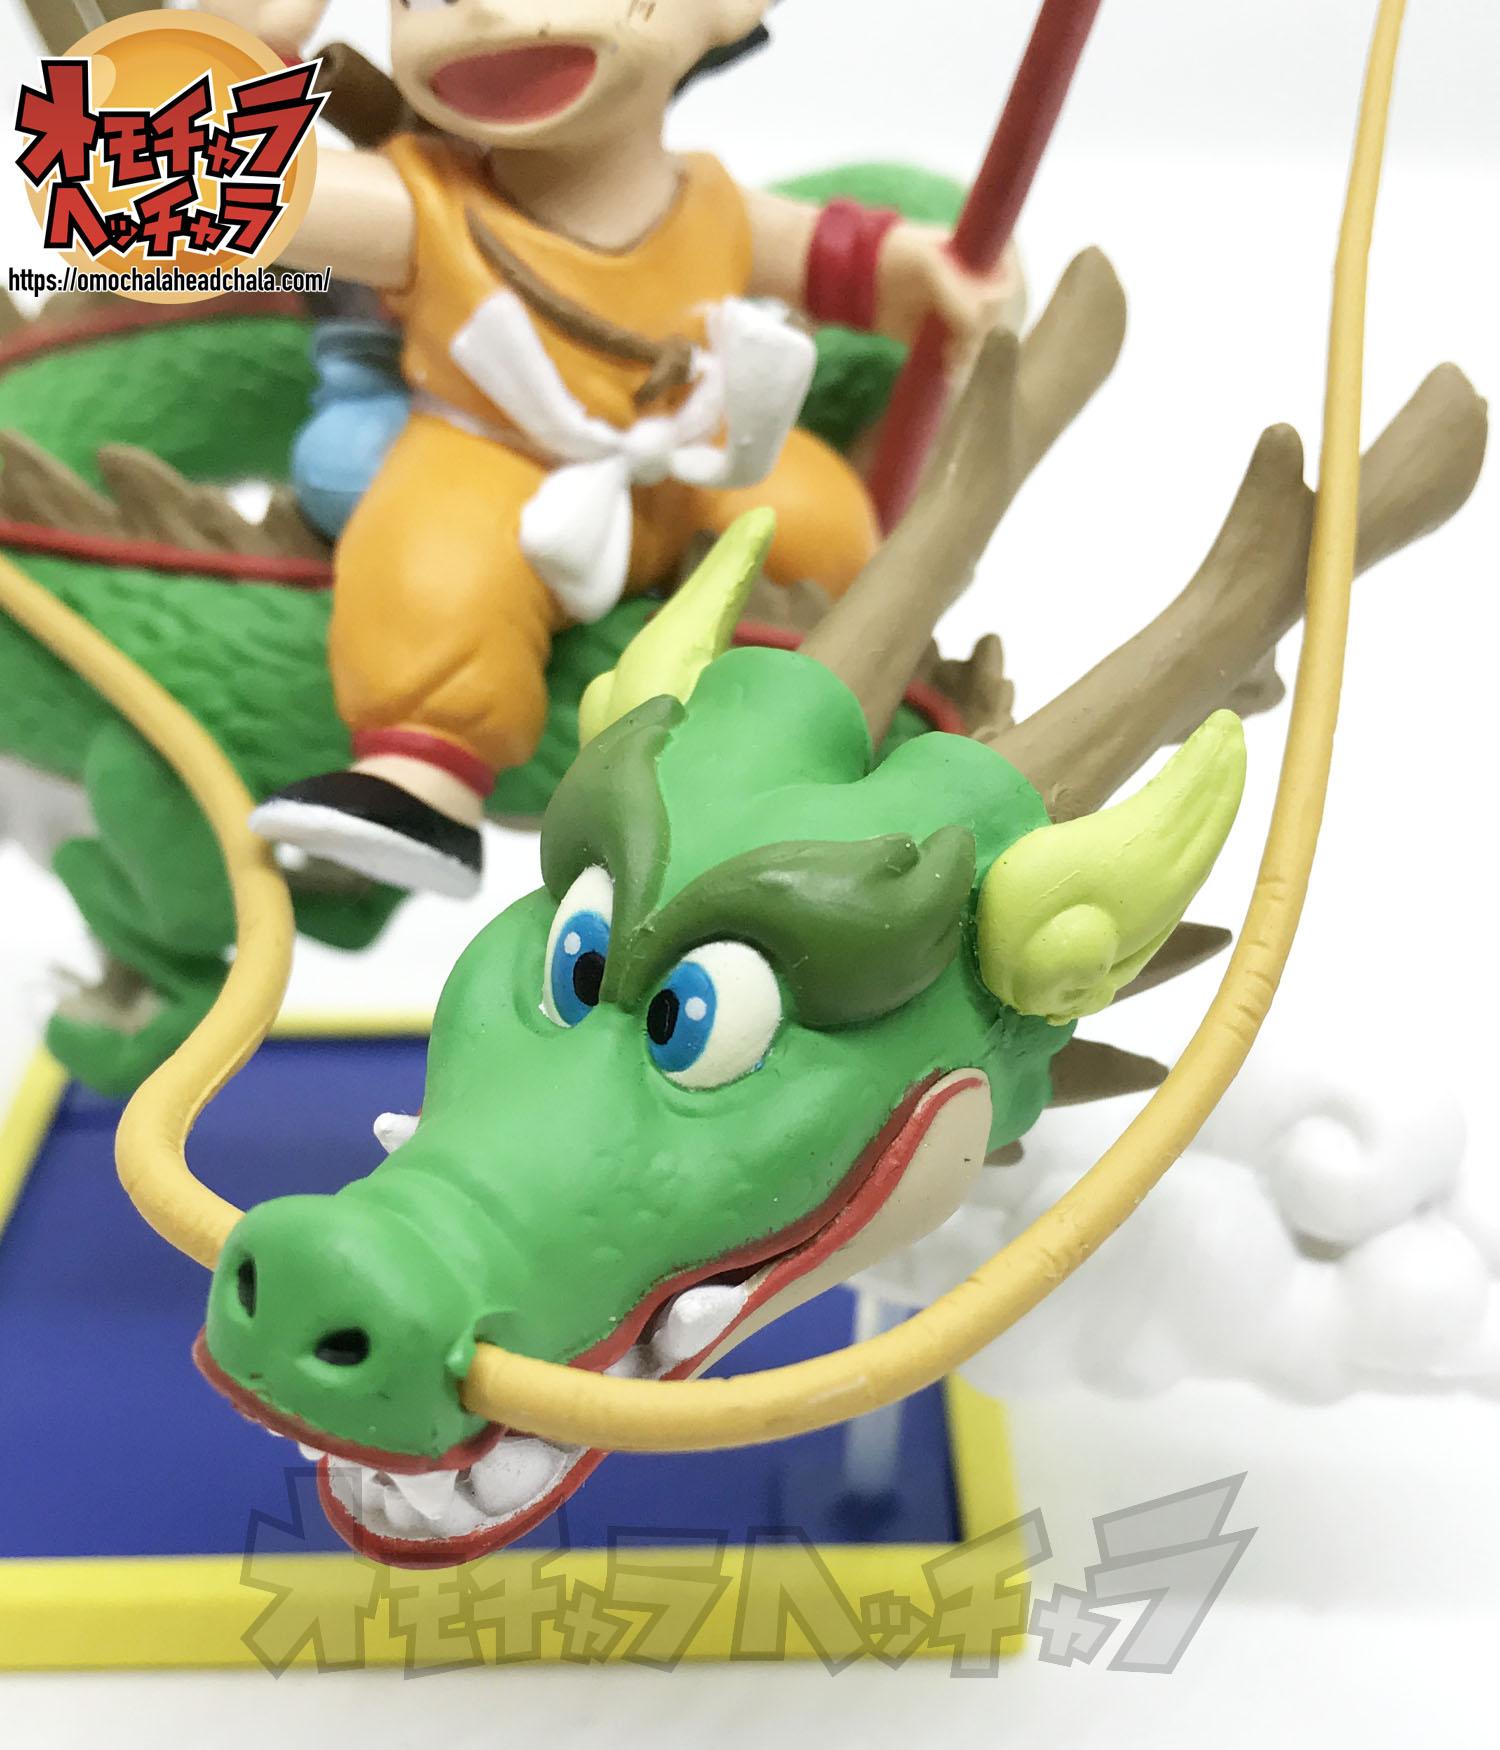 「ドラゴンボール ミュージアムコレクション1 孫悟空×神龍(DB1巻表紙イラスト)」をレビュー